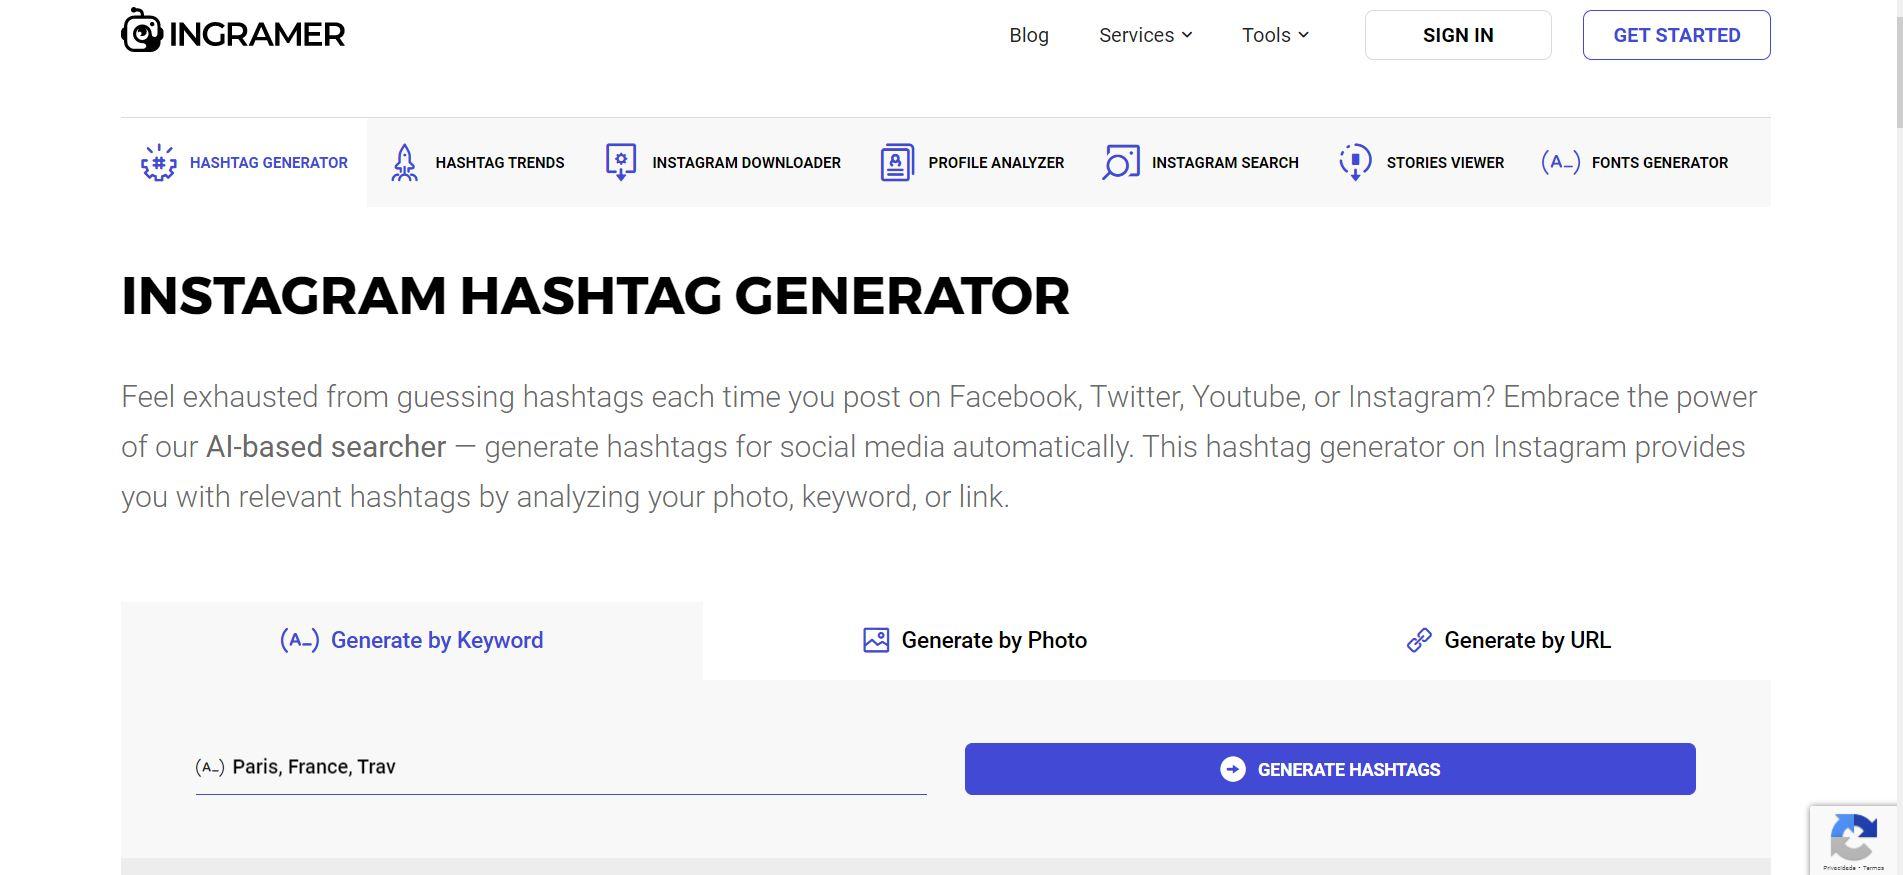 Share-Feijao-com-Arroz-61-10-ferramentas-para-gerar-hashtag-para-o-instagram-site-05-min-1.jpg